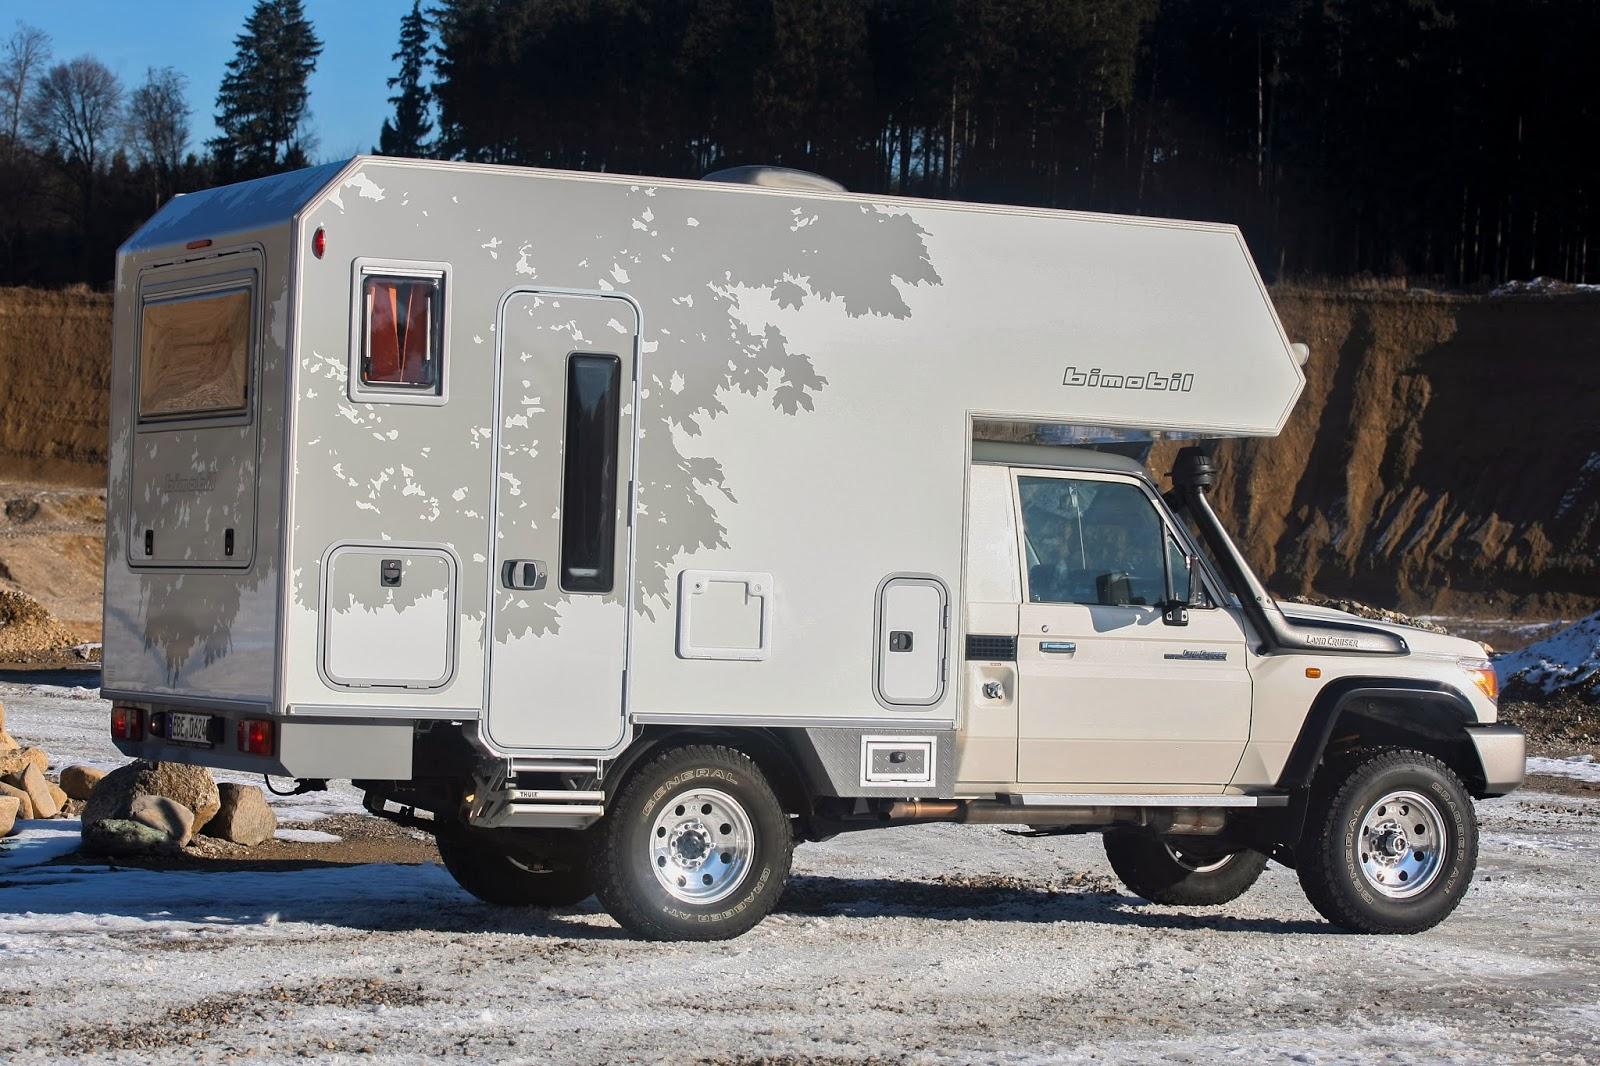 bimobil ex280 einzig nicht unbedingt artig und absolut individuell auto und reisen der. Black Bedroom Furniture Sets. Home Design Ideas